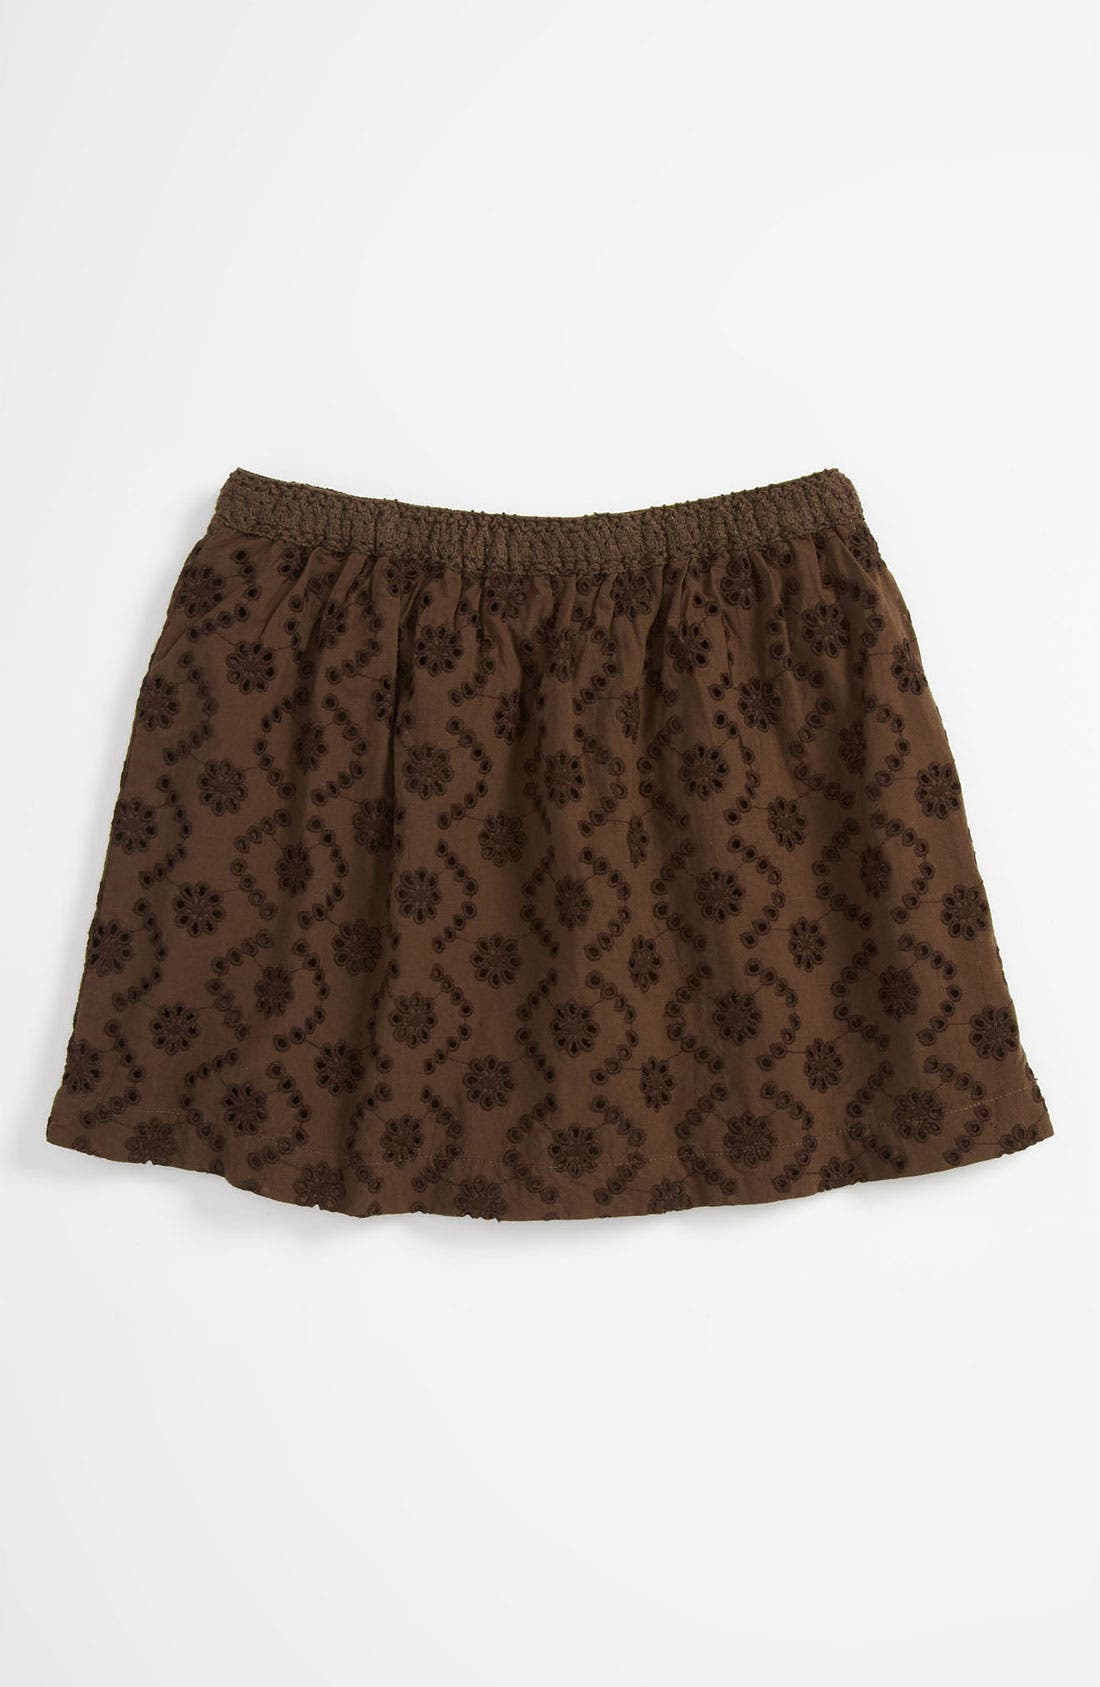 Alternate Image 1 Selected - Peek 'Inez' Skirt (Toddler, Little Girls & Big Girls)